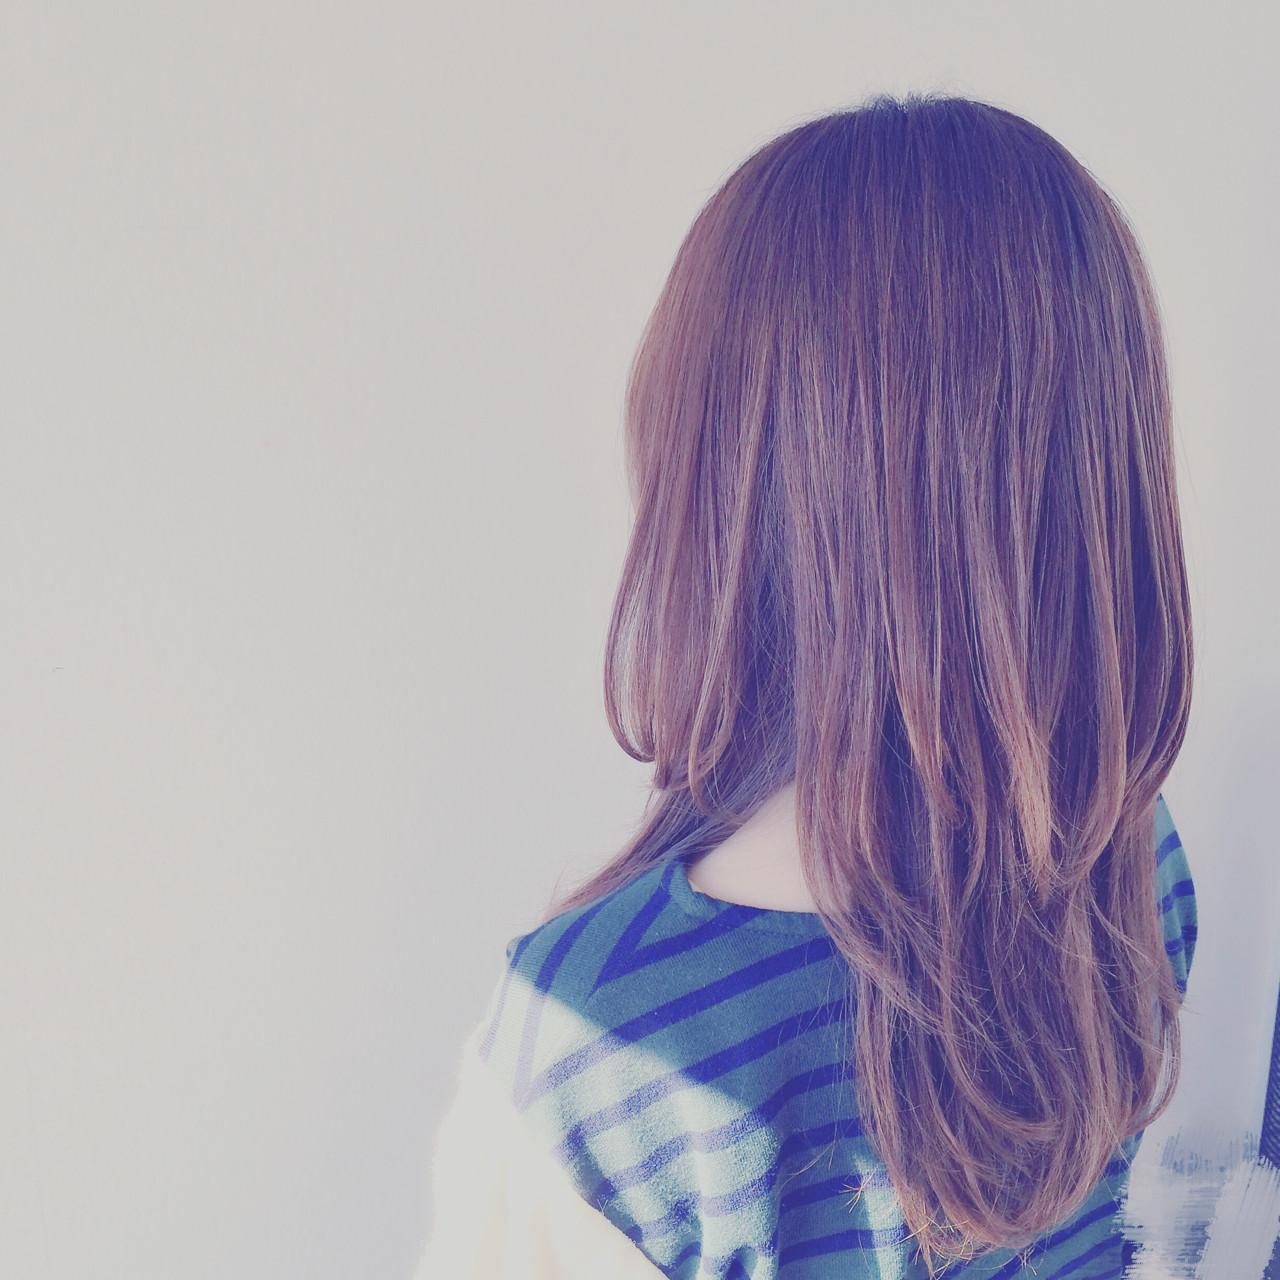 ゆるふわ ストレート フェミニン モテ髪 ヘアスタイルや髪型の写真・画像